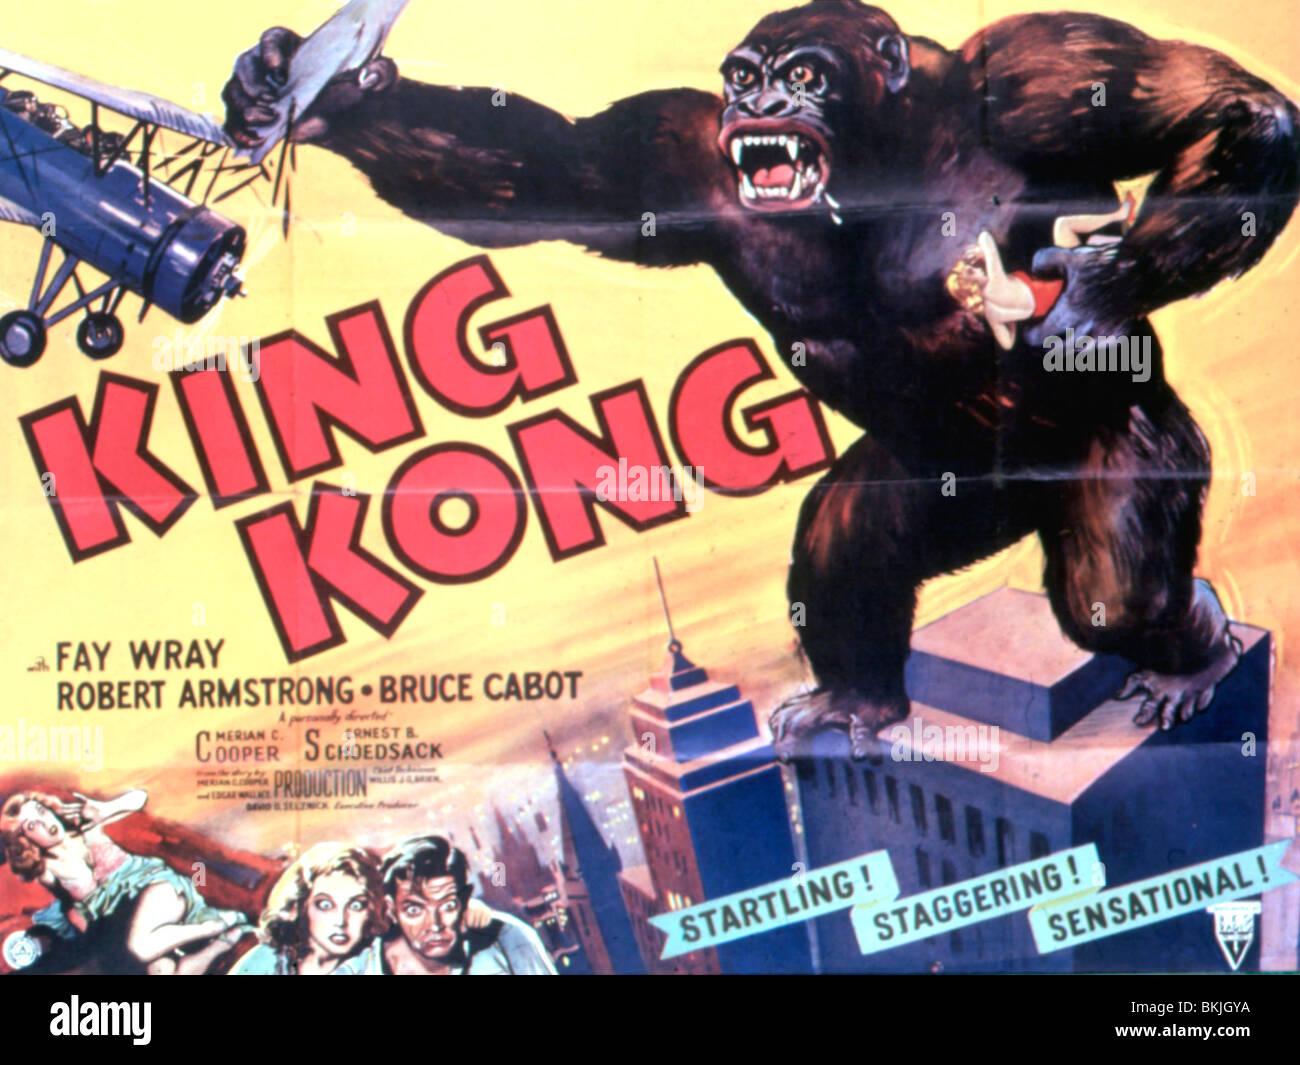 King Kong 1933 Poster Stock Photo 29297278 Alamy